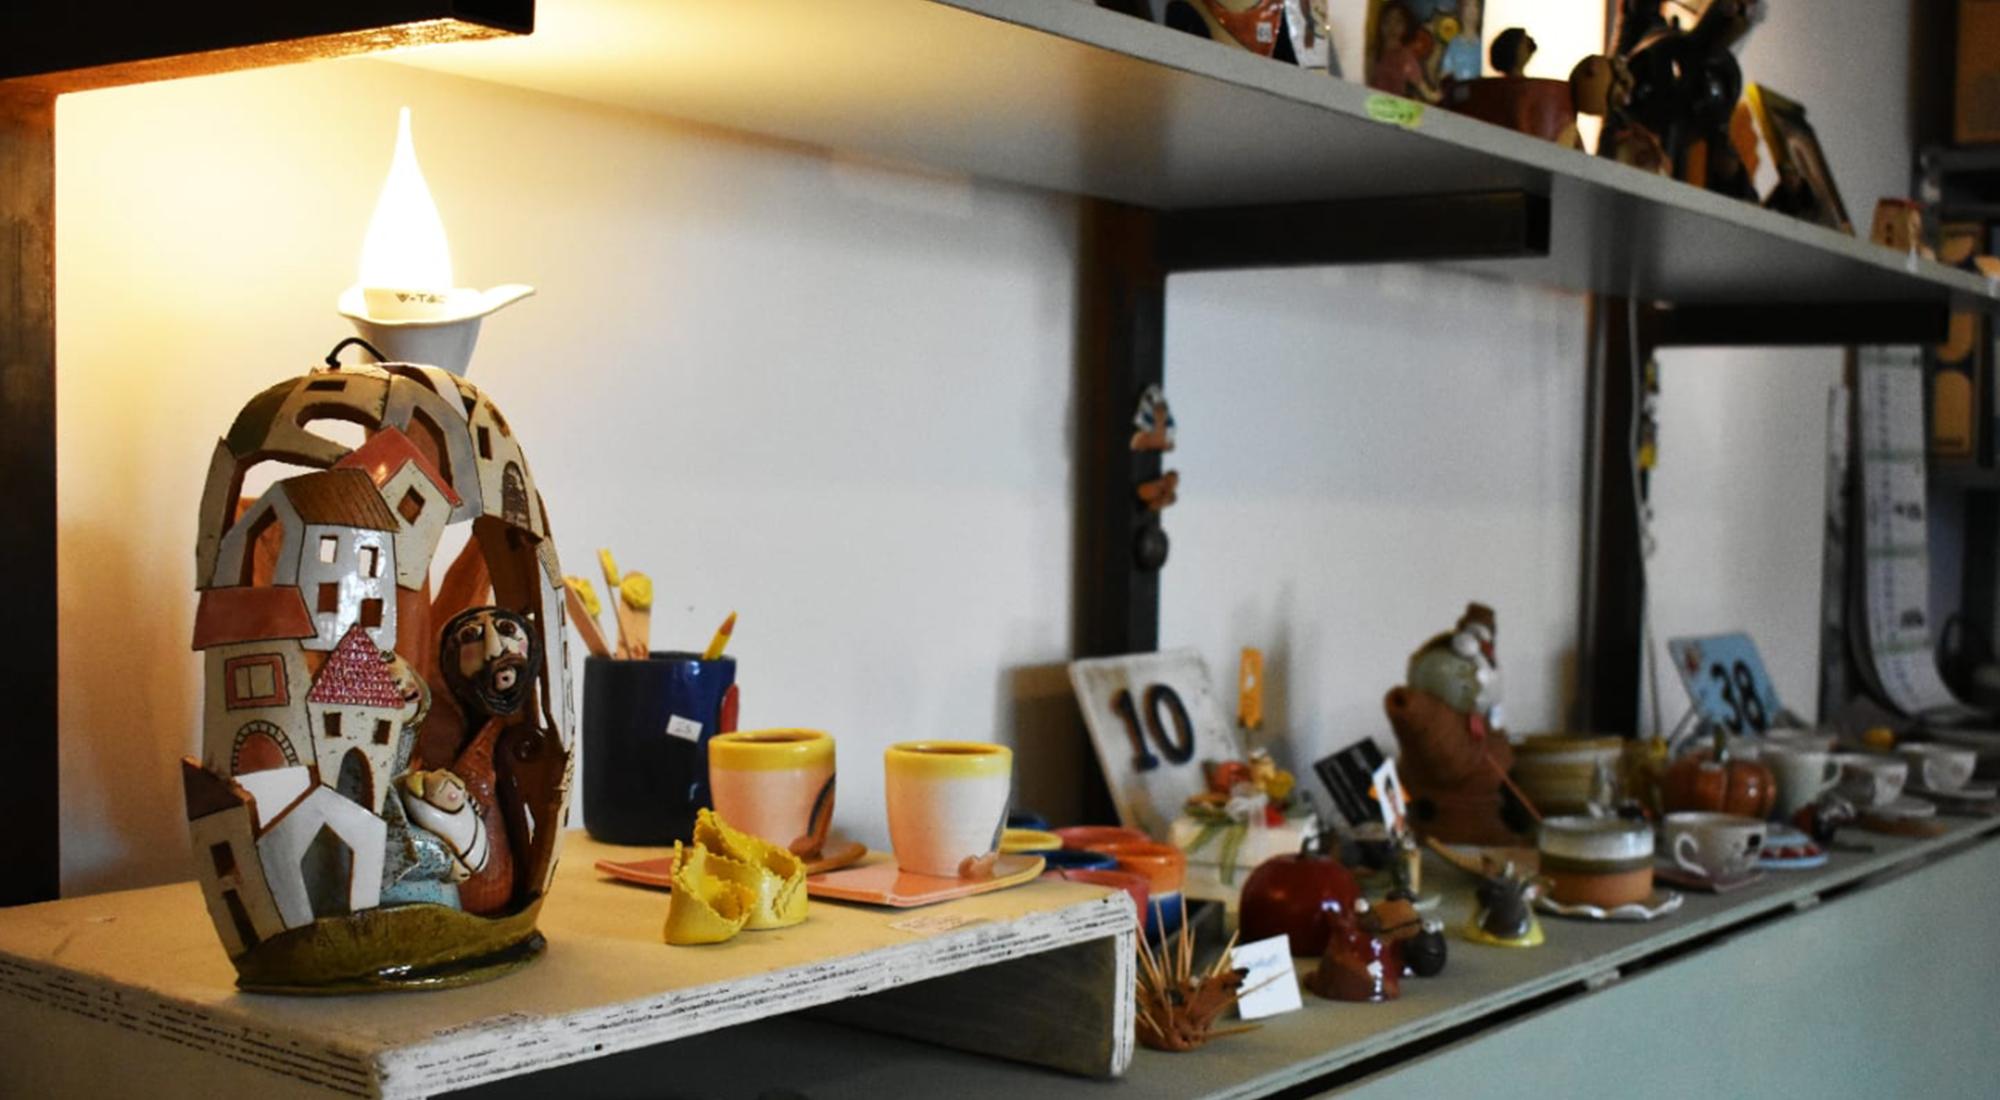 esposizione greta filippini oca ceramica artistica ferrara